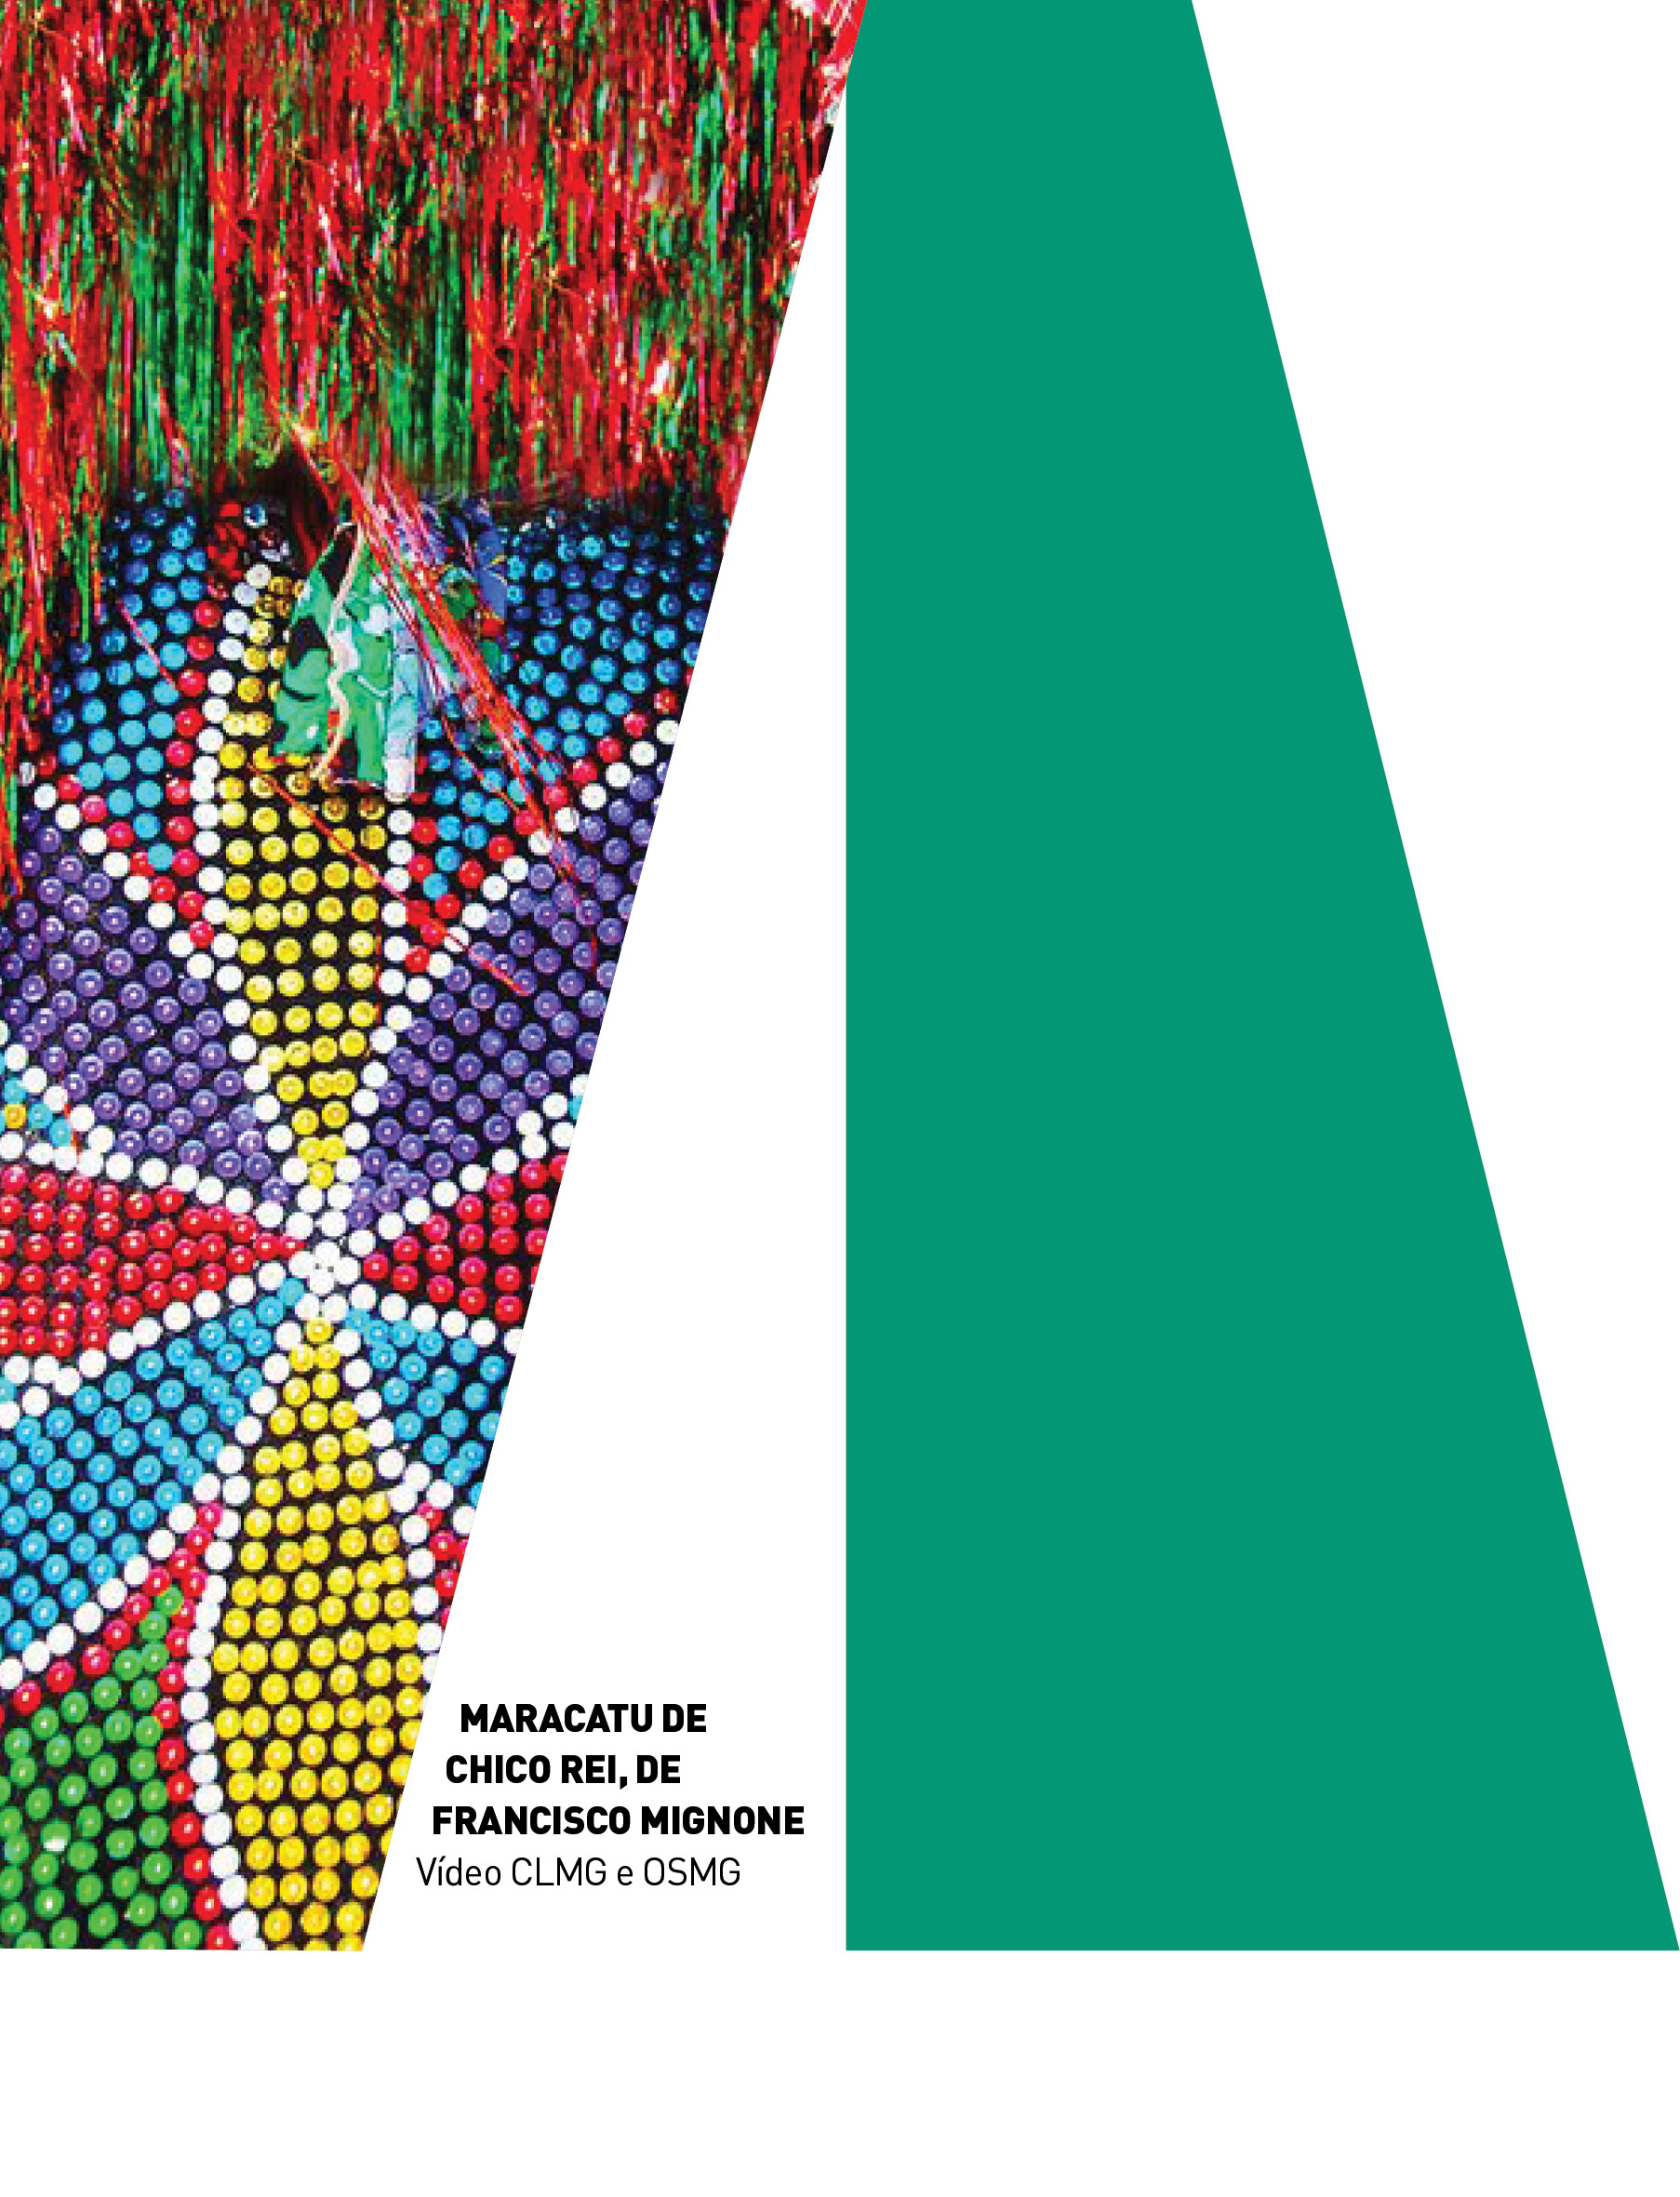 Evento: Maracatu de Chico Rei | Coral Lírico e Orquestra Sinfônica de Minas Gerais